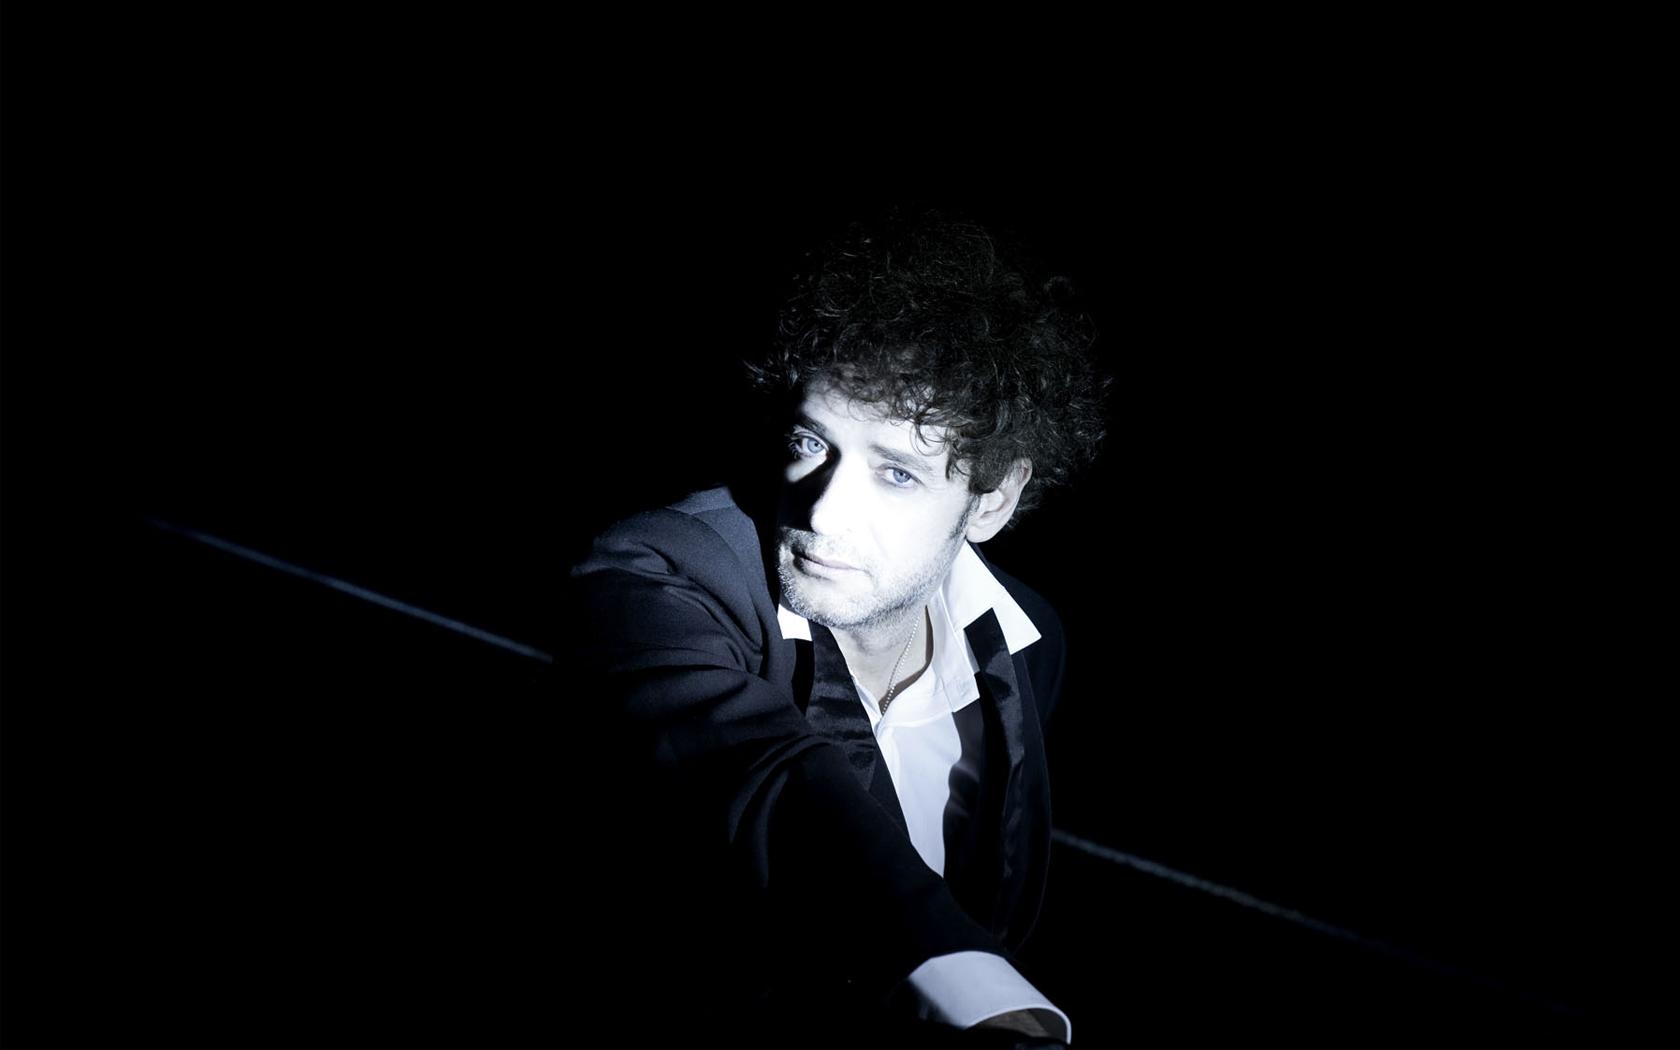 Gustavo Cerati foto - 1680x1050